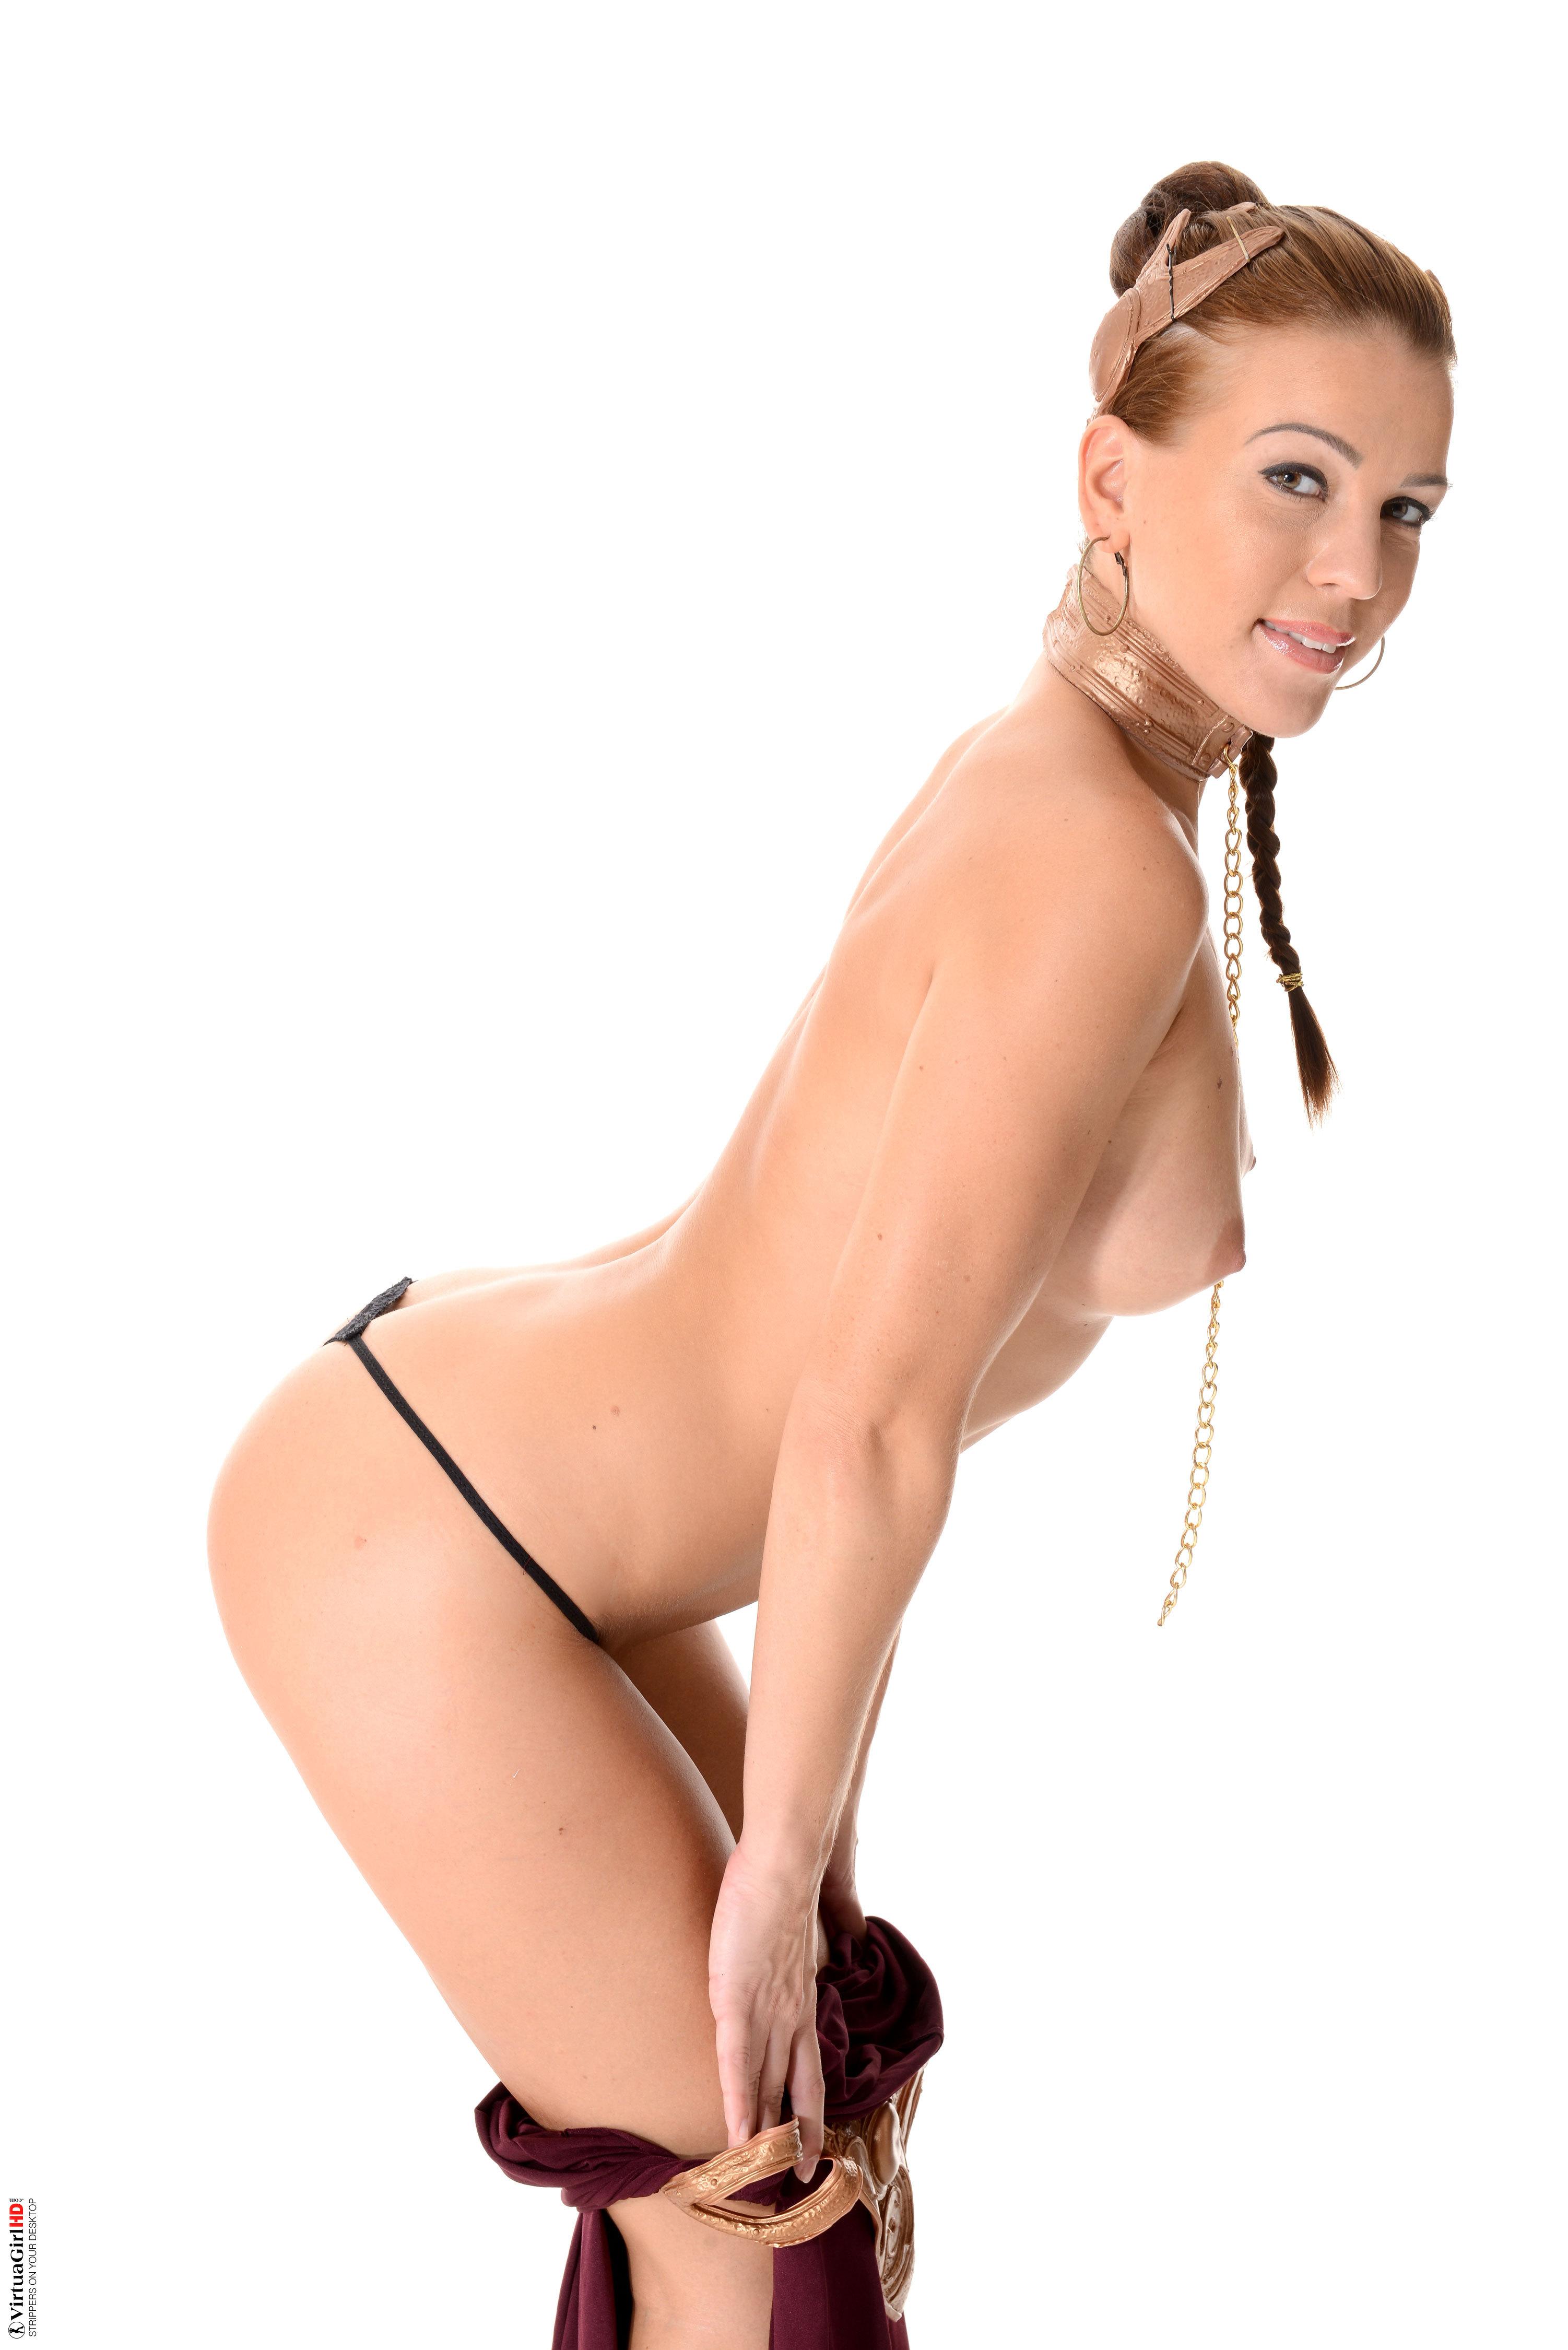 nude girl backgrounds